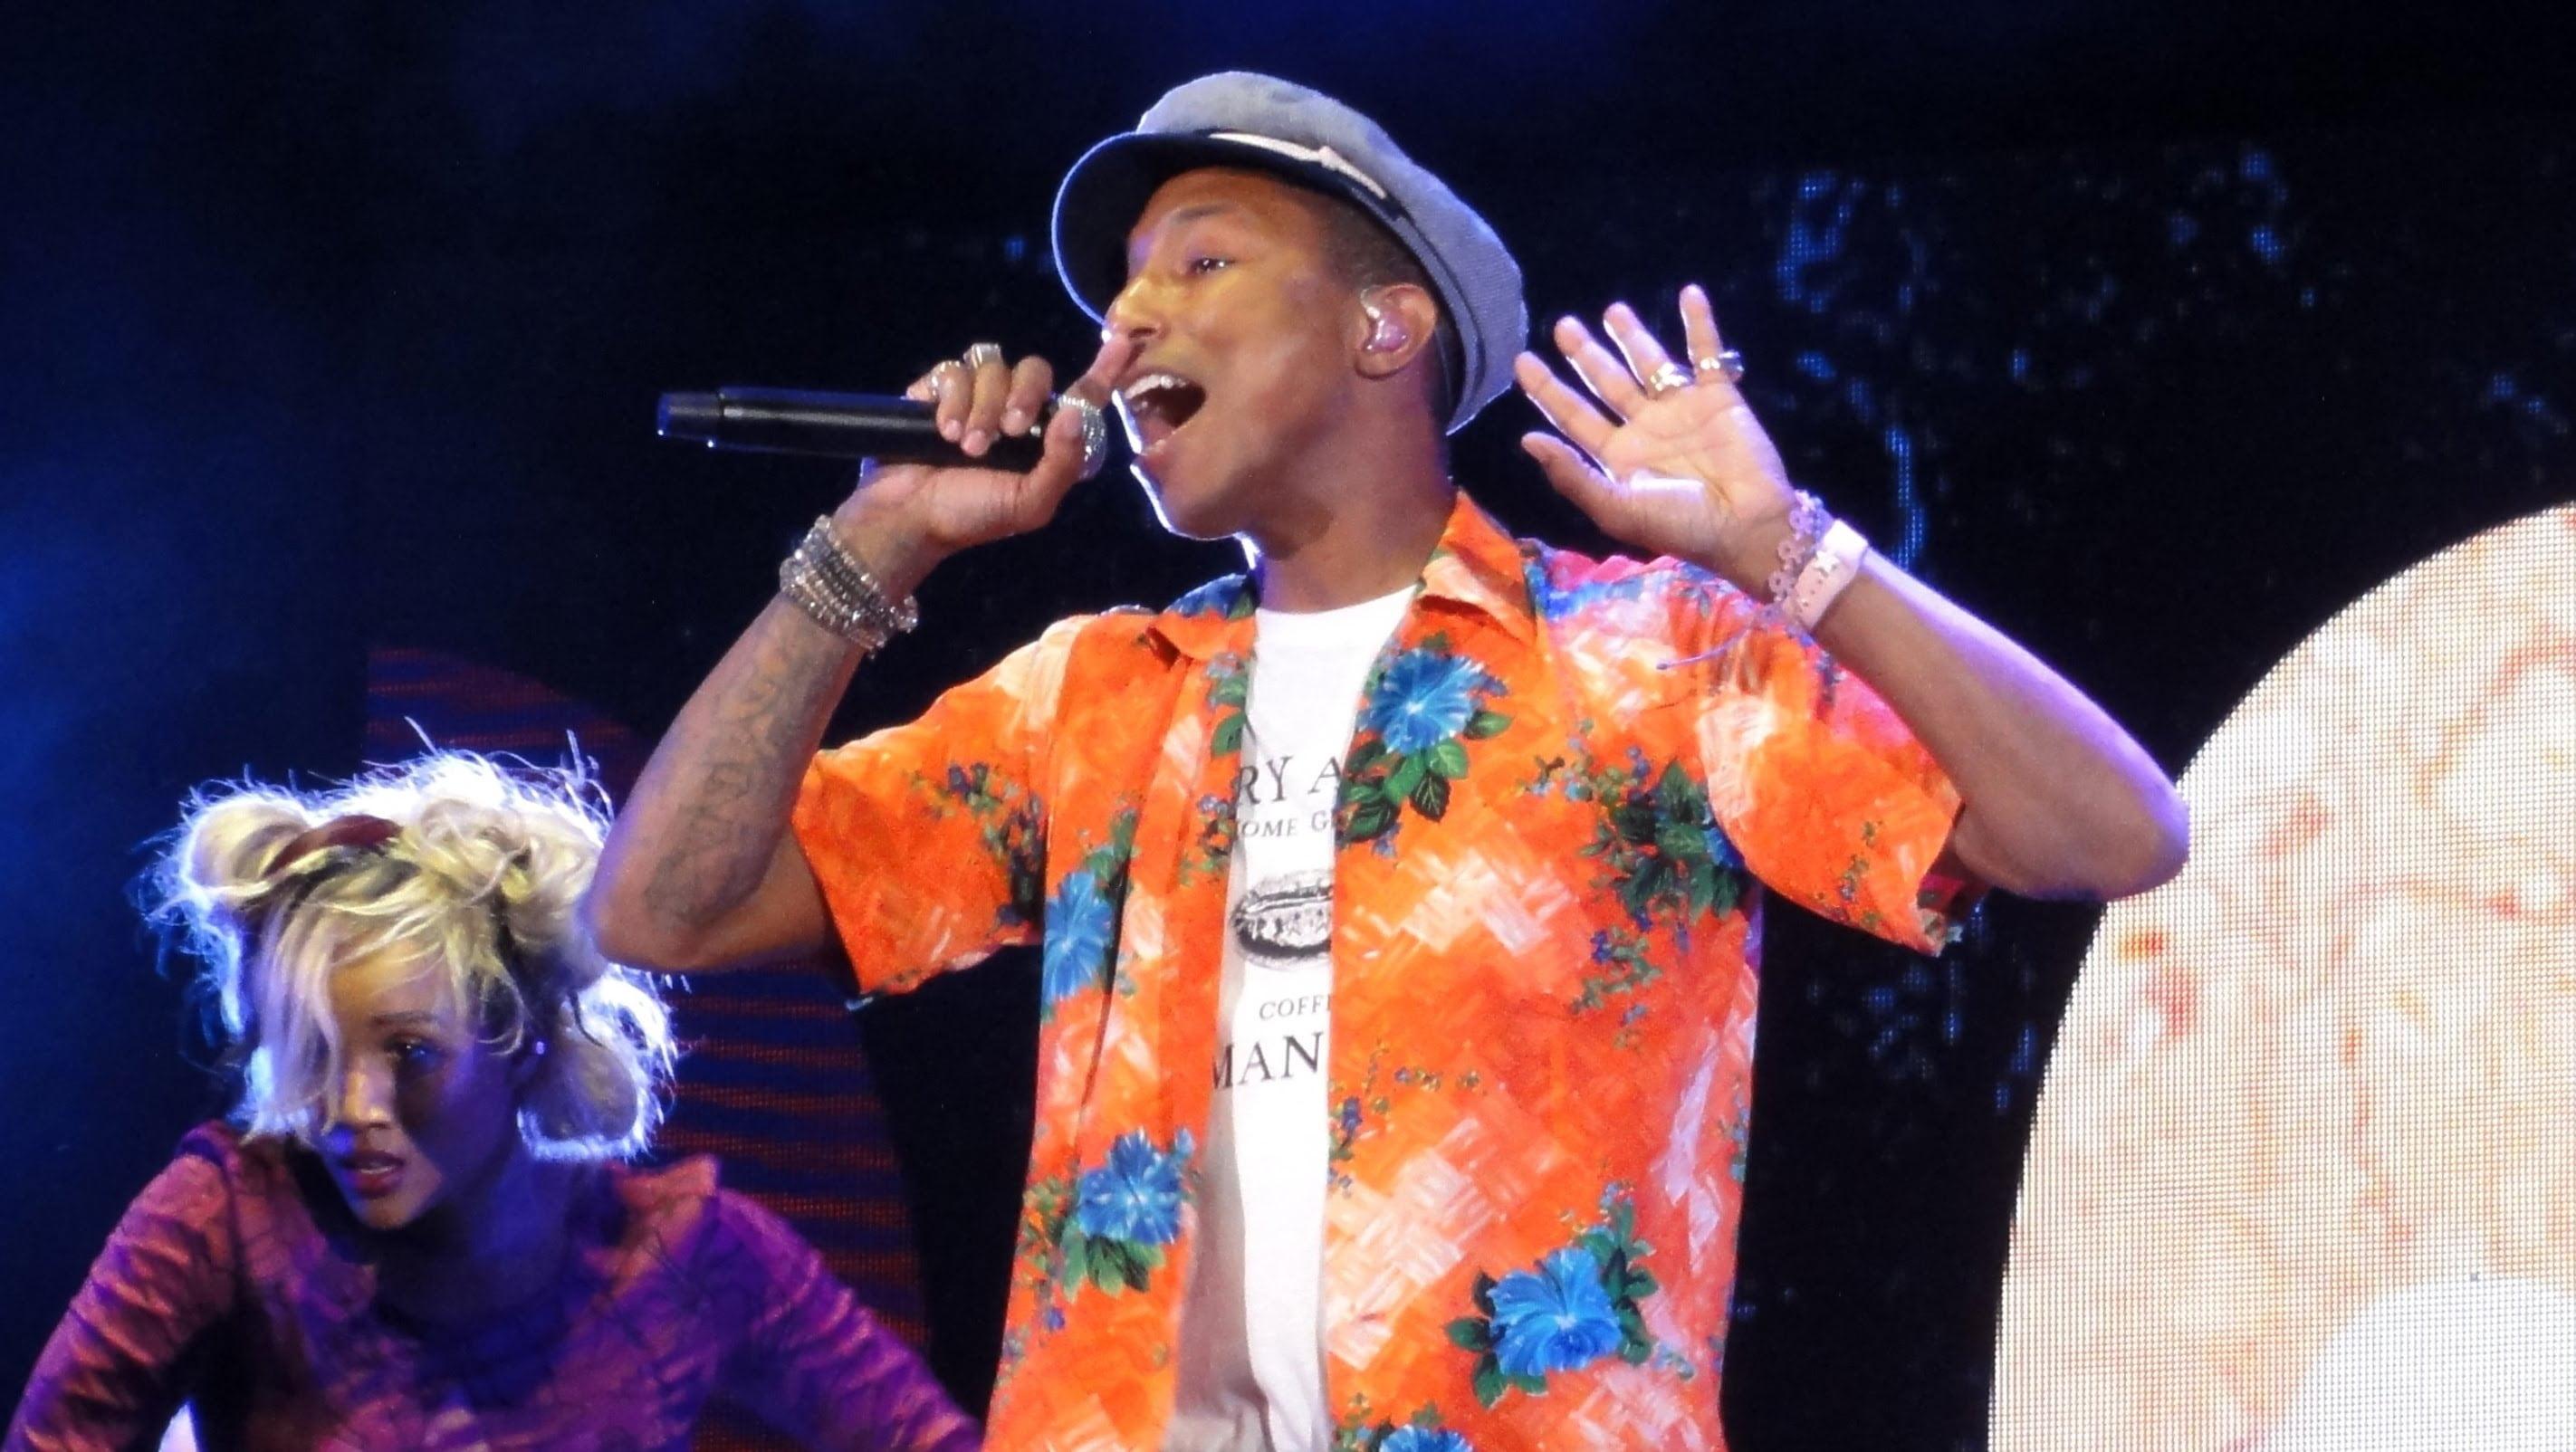 פארל וויליאמס (Pharrell), ניתוח הפקה